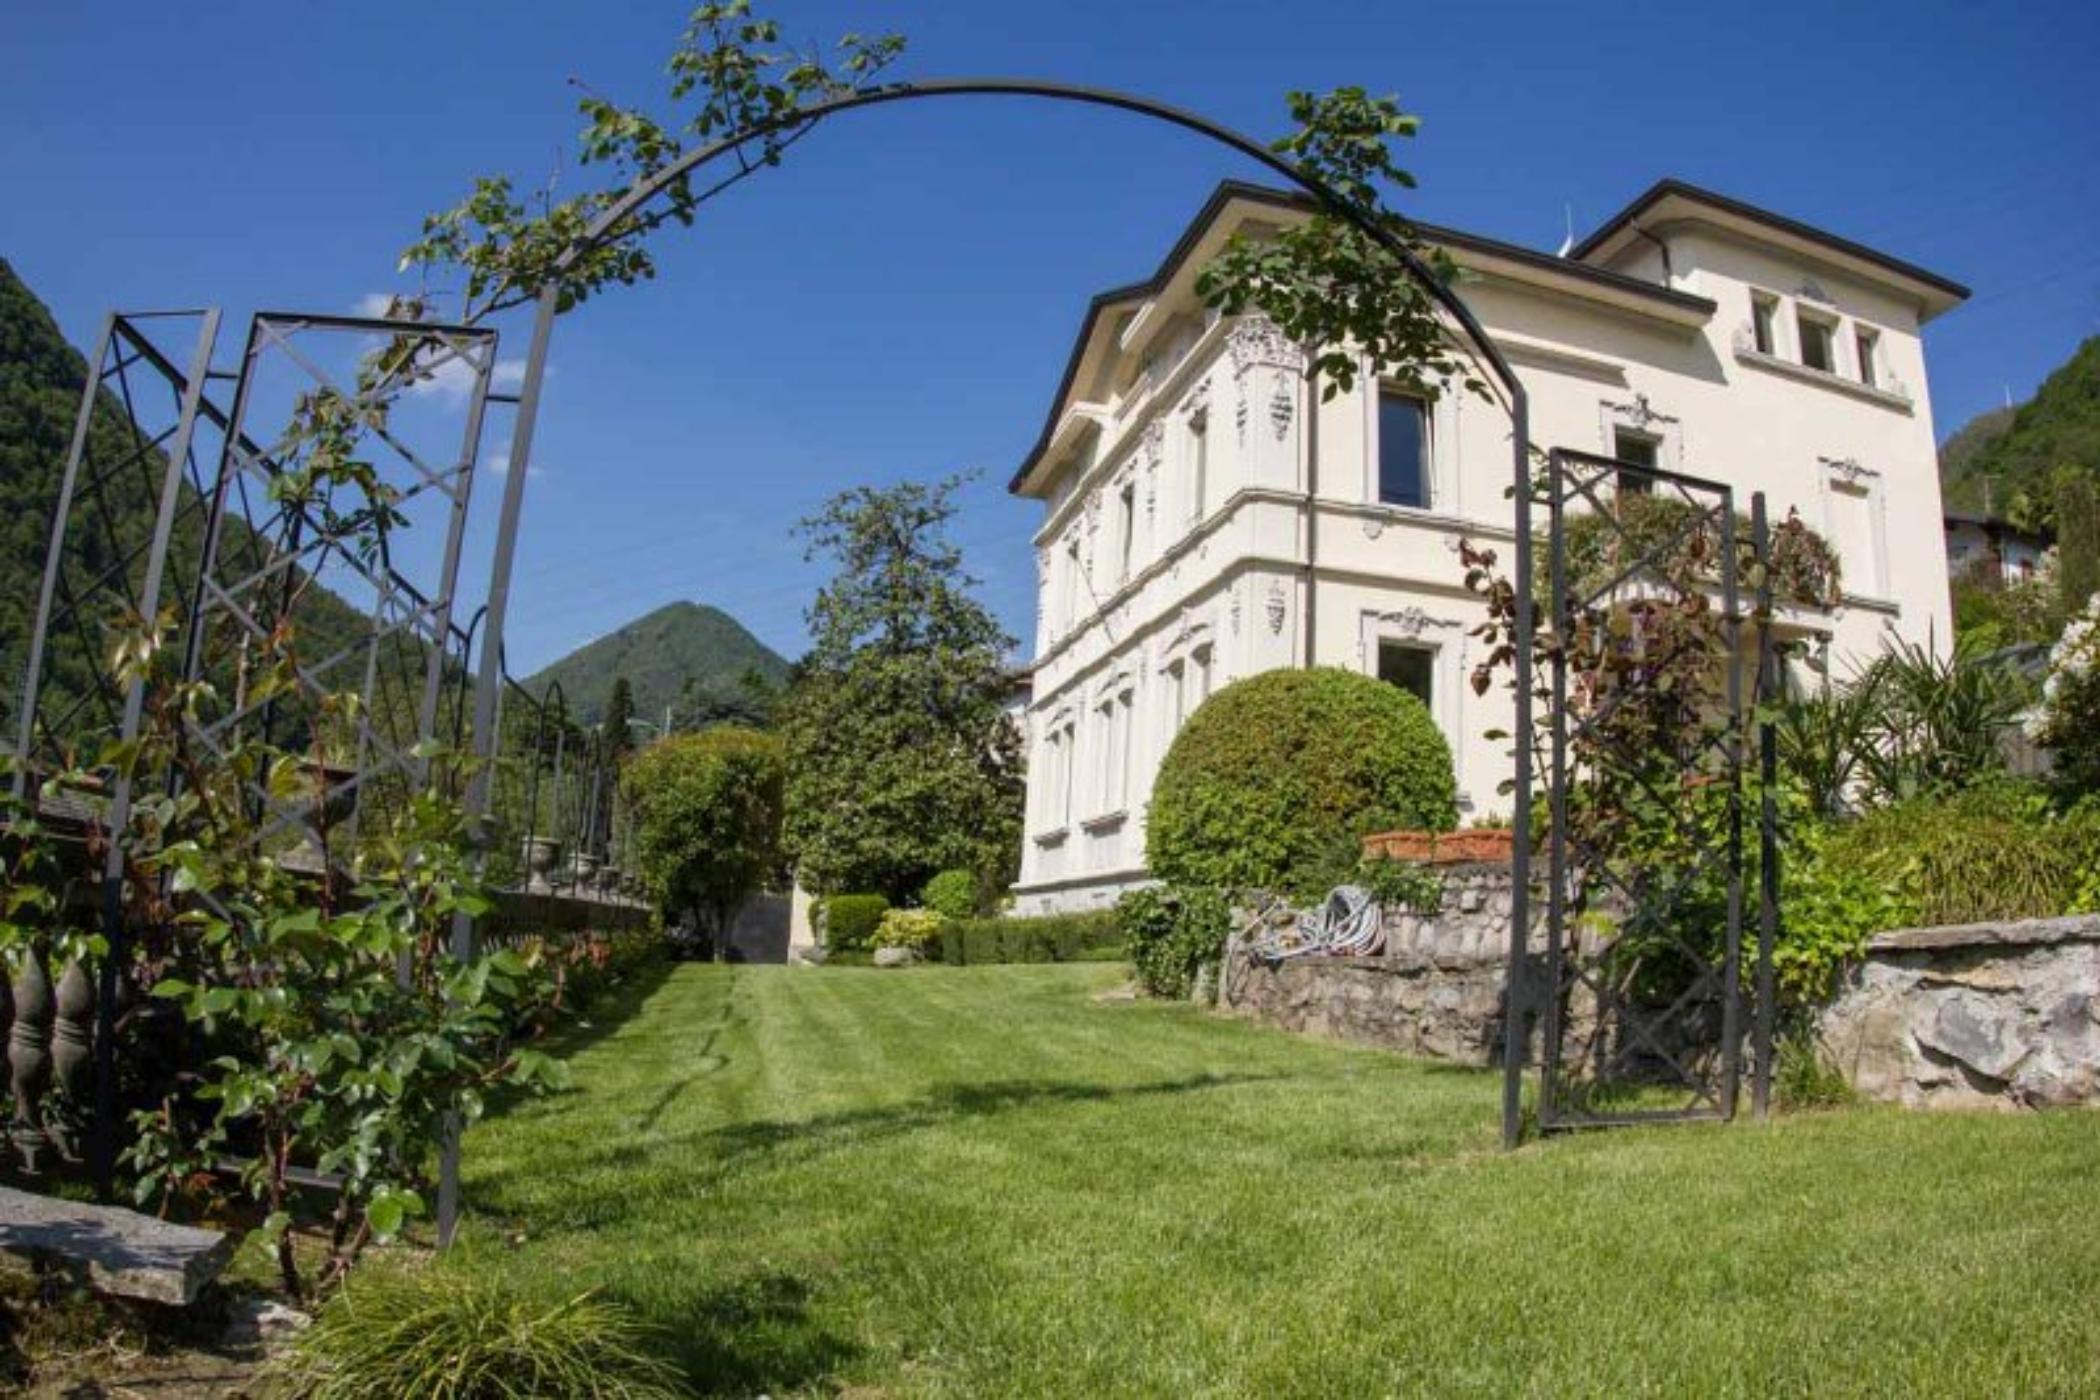 Недвижимость в Ломбардии на побережье цены